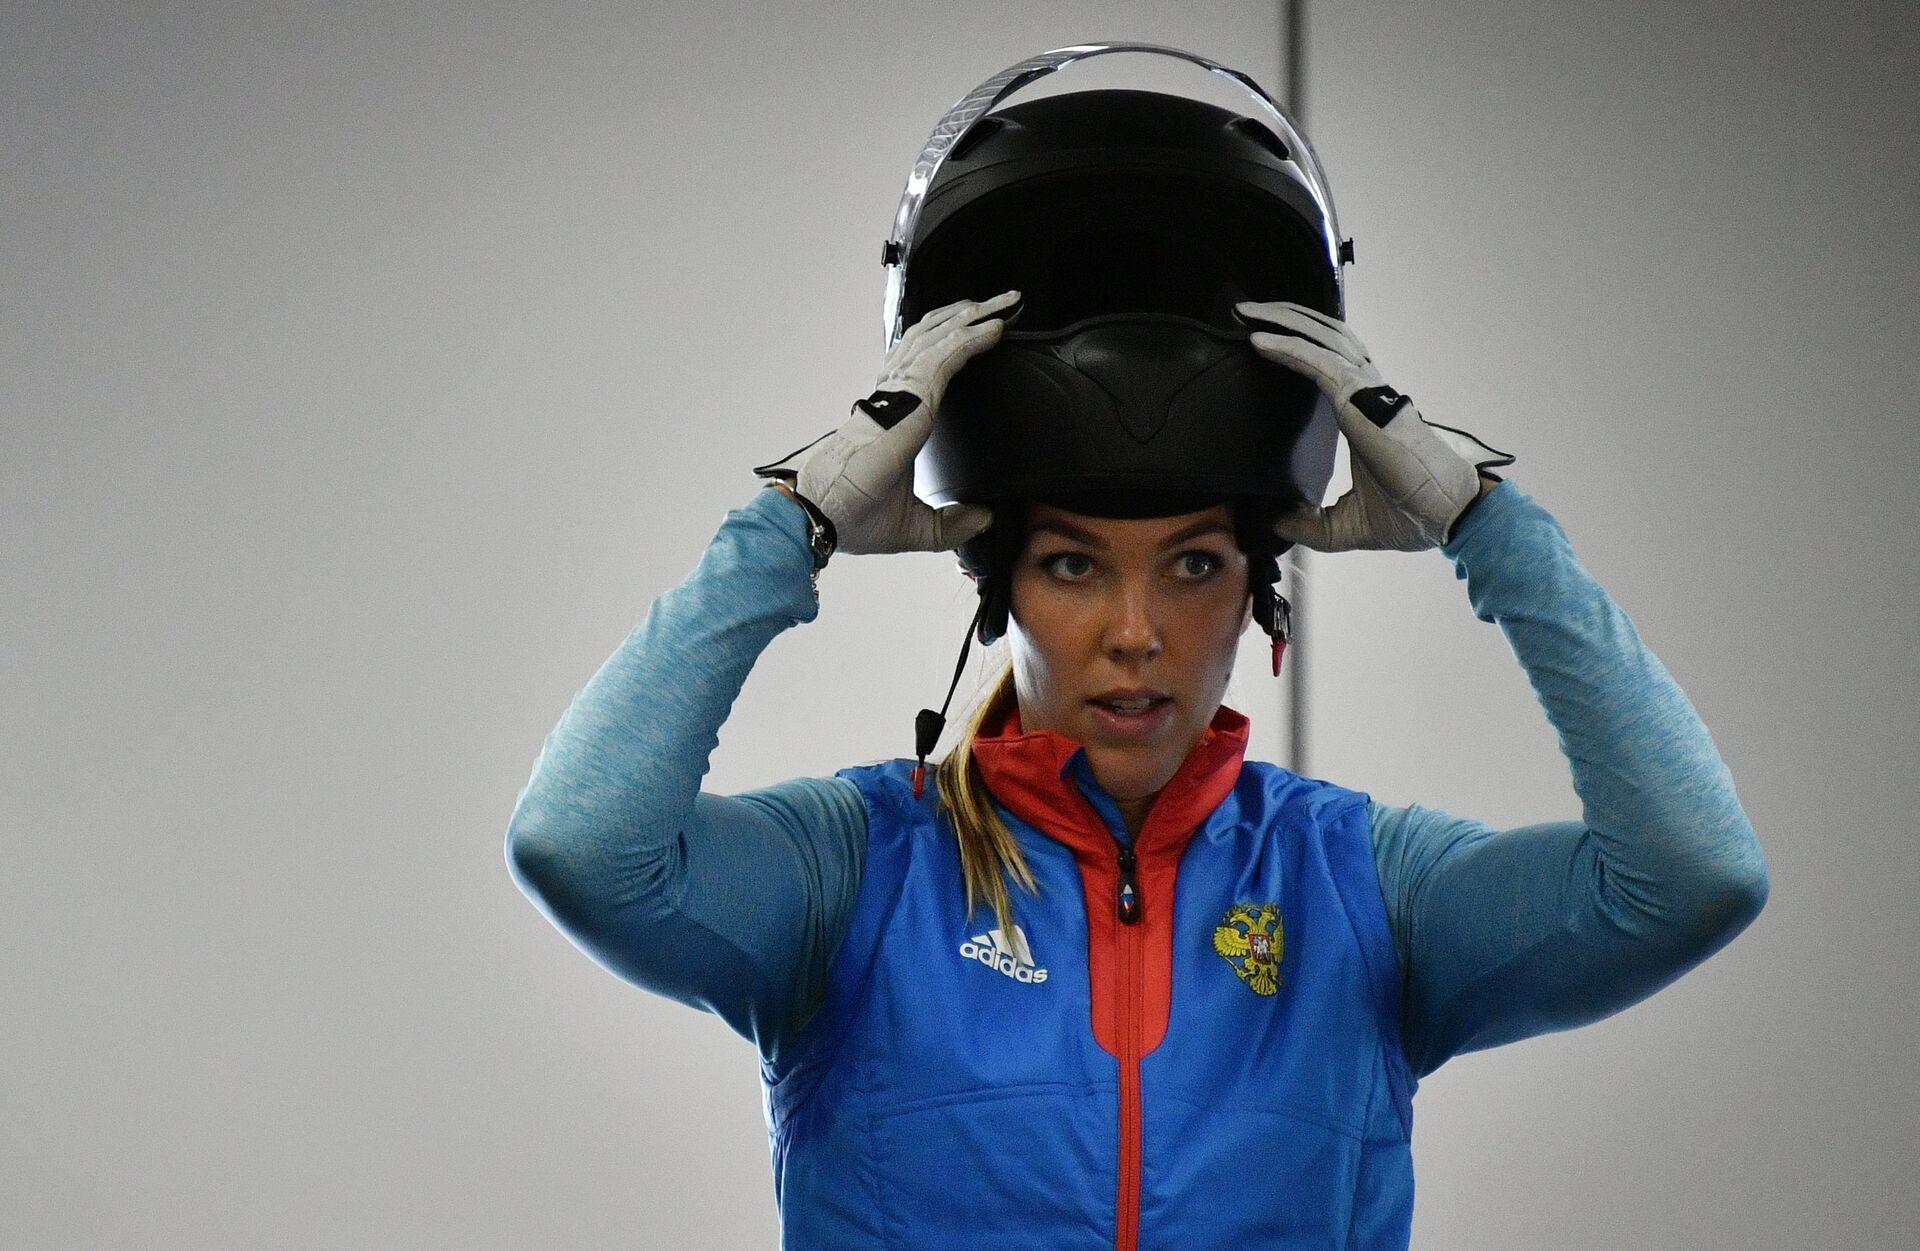 Надежда Сергеева во время тренировки  - РИА Новости, 1920, 14.02.2021